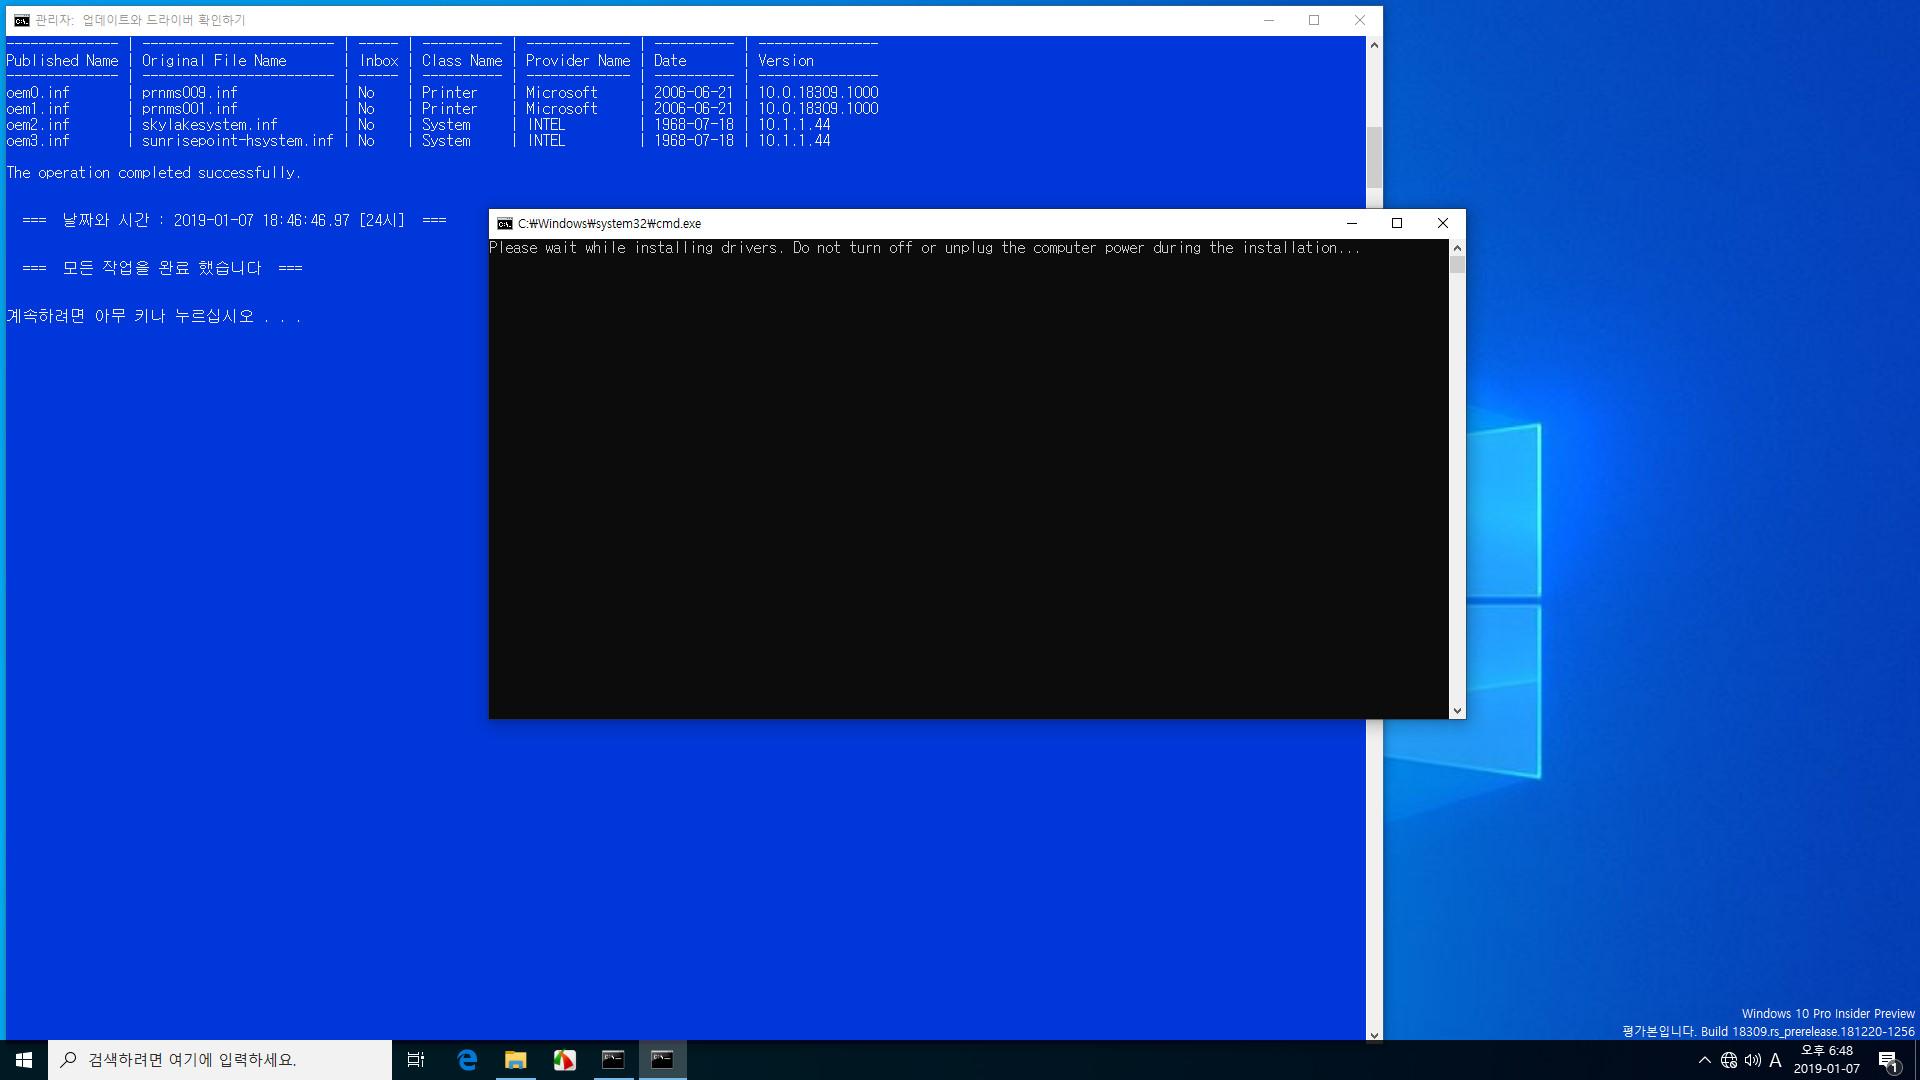 윈도10 19H1 인사이더 프리뷰 18309.1000 빌드 나왔네요 - 실컴에서 Windows Sandbox 테스트 - 어떤 드라이버가 충돌을 일으키는지 확인 테스트4 [윈도에 내장된 랜드라이버 제거] - 3번째 for 구문과 사용권한 획득으로 내장 랜 드라이버들 삭제 성공함 2019-01-07_184818.jpg